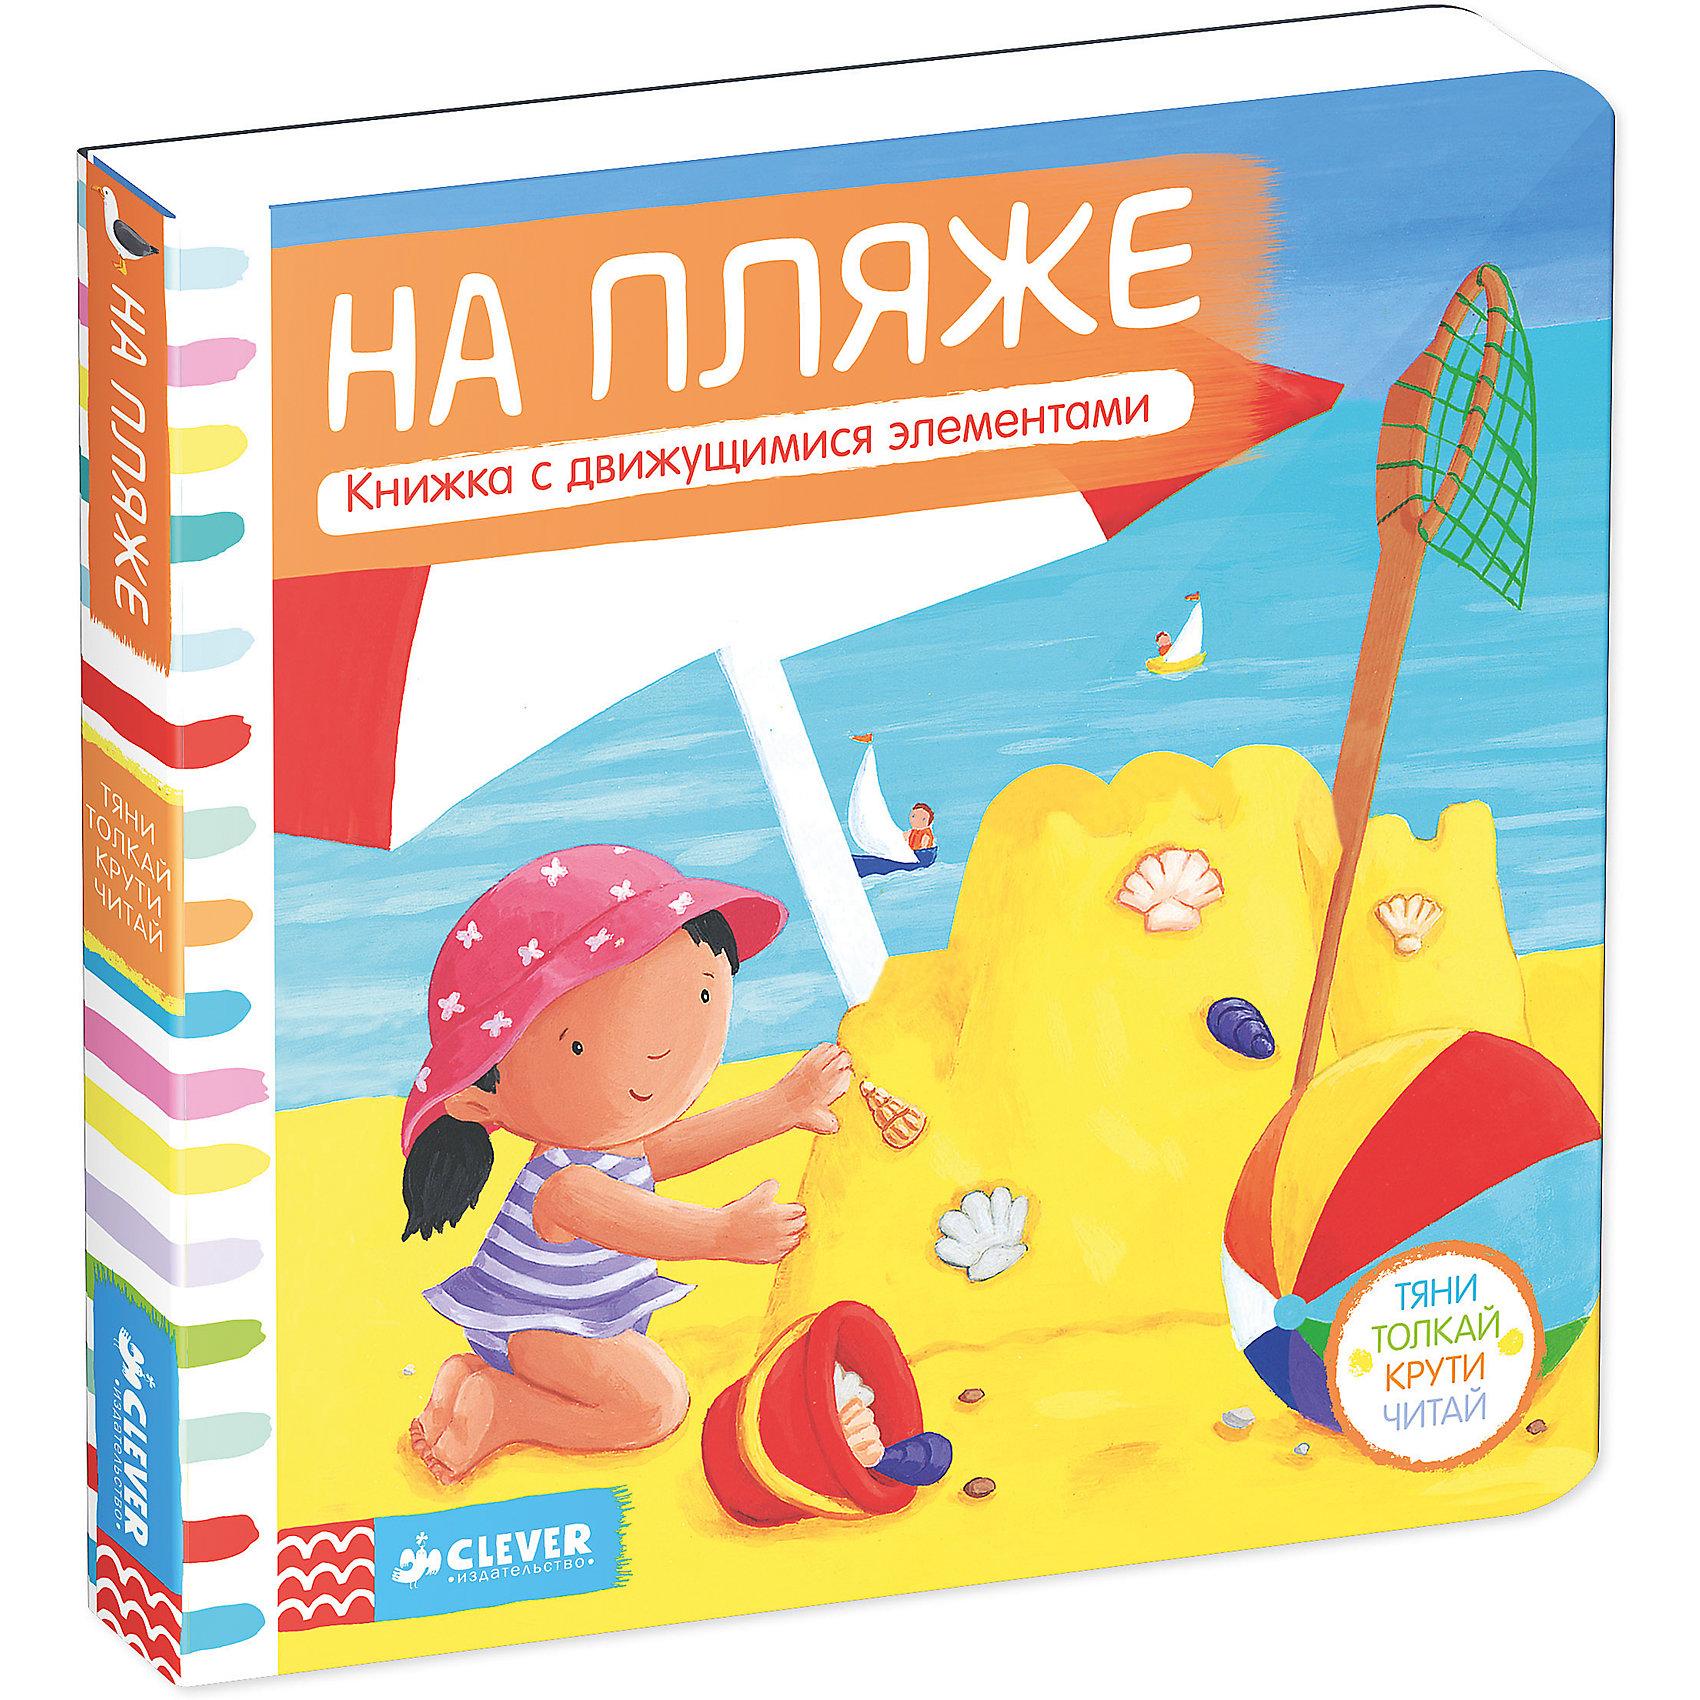 На пляже, Тяни, толкай, крути, читайПервые книги малыша<br>На пляже, Тяни, толкай, крути, читай.<br><br>Характеристики:<br><br>- Издательство: Клевер-Медиа-Групп.<br>- Серия: «Рисуем и играем».<br>- Размеры упаковки: 180х180х20мм.<br>- Цветная печать.<br>- Вес: 330г.<br><br>Книжки серии «Тяни-толкай-крути-читай» — легендарная серия для развития мелкой моторики и просто для чудесного семейного чтения. Пока мама читает любимую сказку, ребенок тянет за клапаны, поднимает картинки по стрелочкам и оживляет рисунки. <br><br>«Летом на пляже - игры и смех. <br>Моря и солнца хватит на всех! <br>Крути, тяни, толкай вперед, <br>И пляж из книжки оживет.»<br><br>На пляже, Тяни, толкай, крути, читай, можно купить в нашем интернет – магазине.<br><br>Ширина мм: 180<br>Глубина мм: 180<br>Высота мм: 15<br>Вес г: 285<br>Возраст от месяцев: 0<br>Возраст до месяцев: 36<br>Пол: Унисекс<br>Возраст: Детский<br>SKU: 5377868